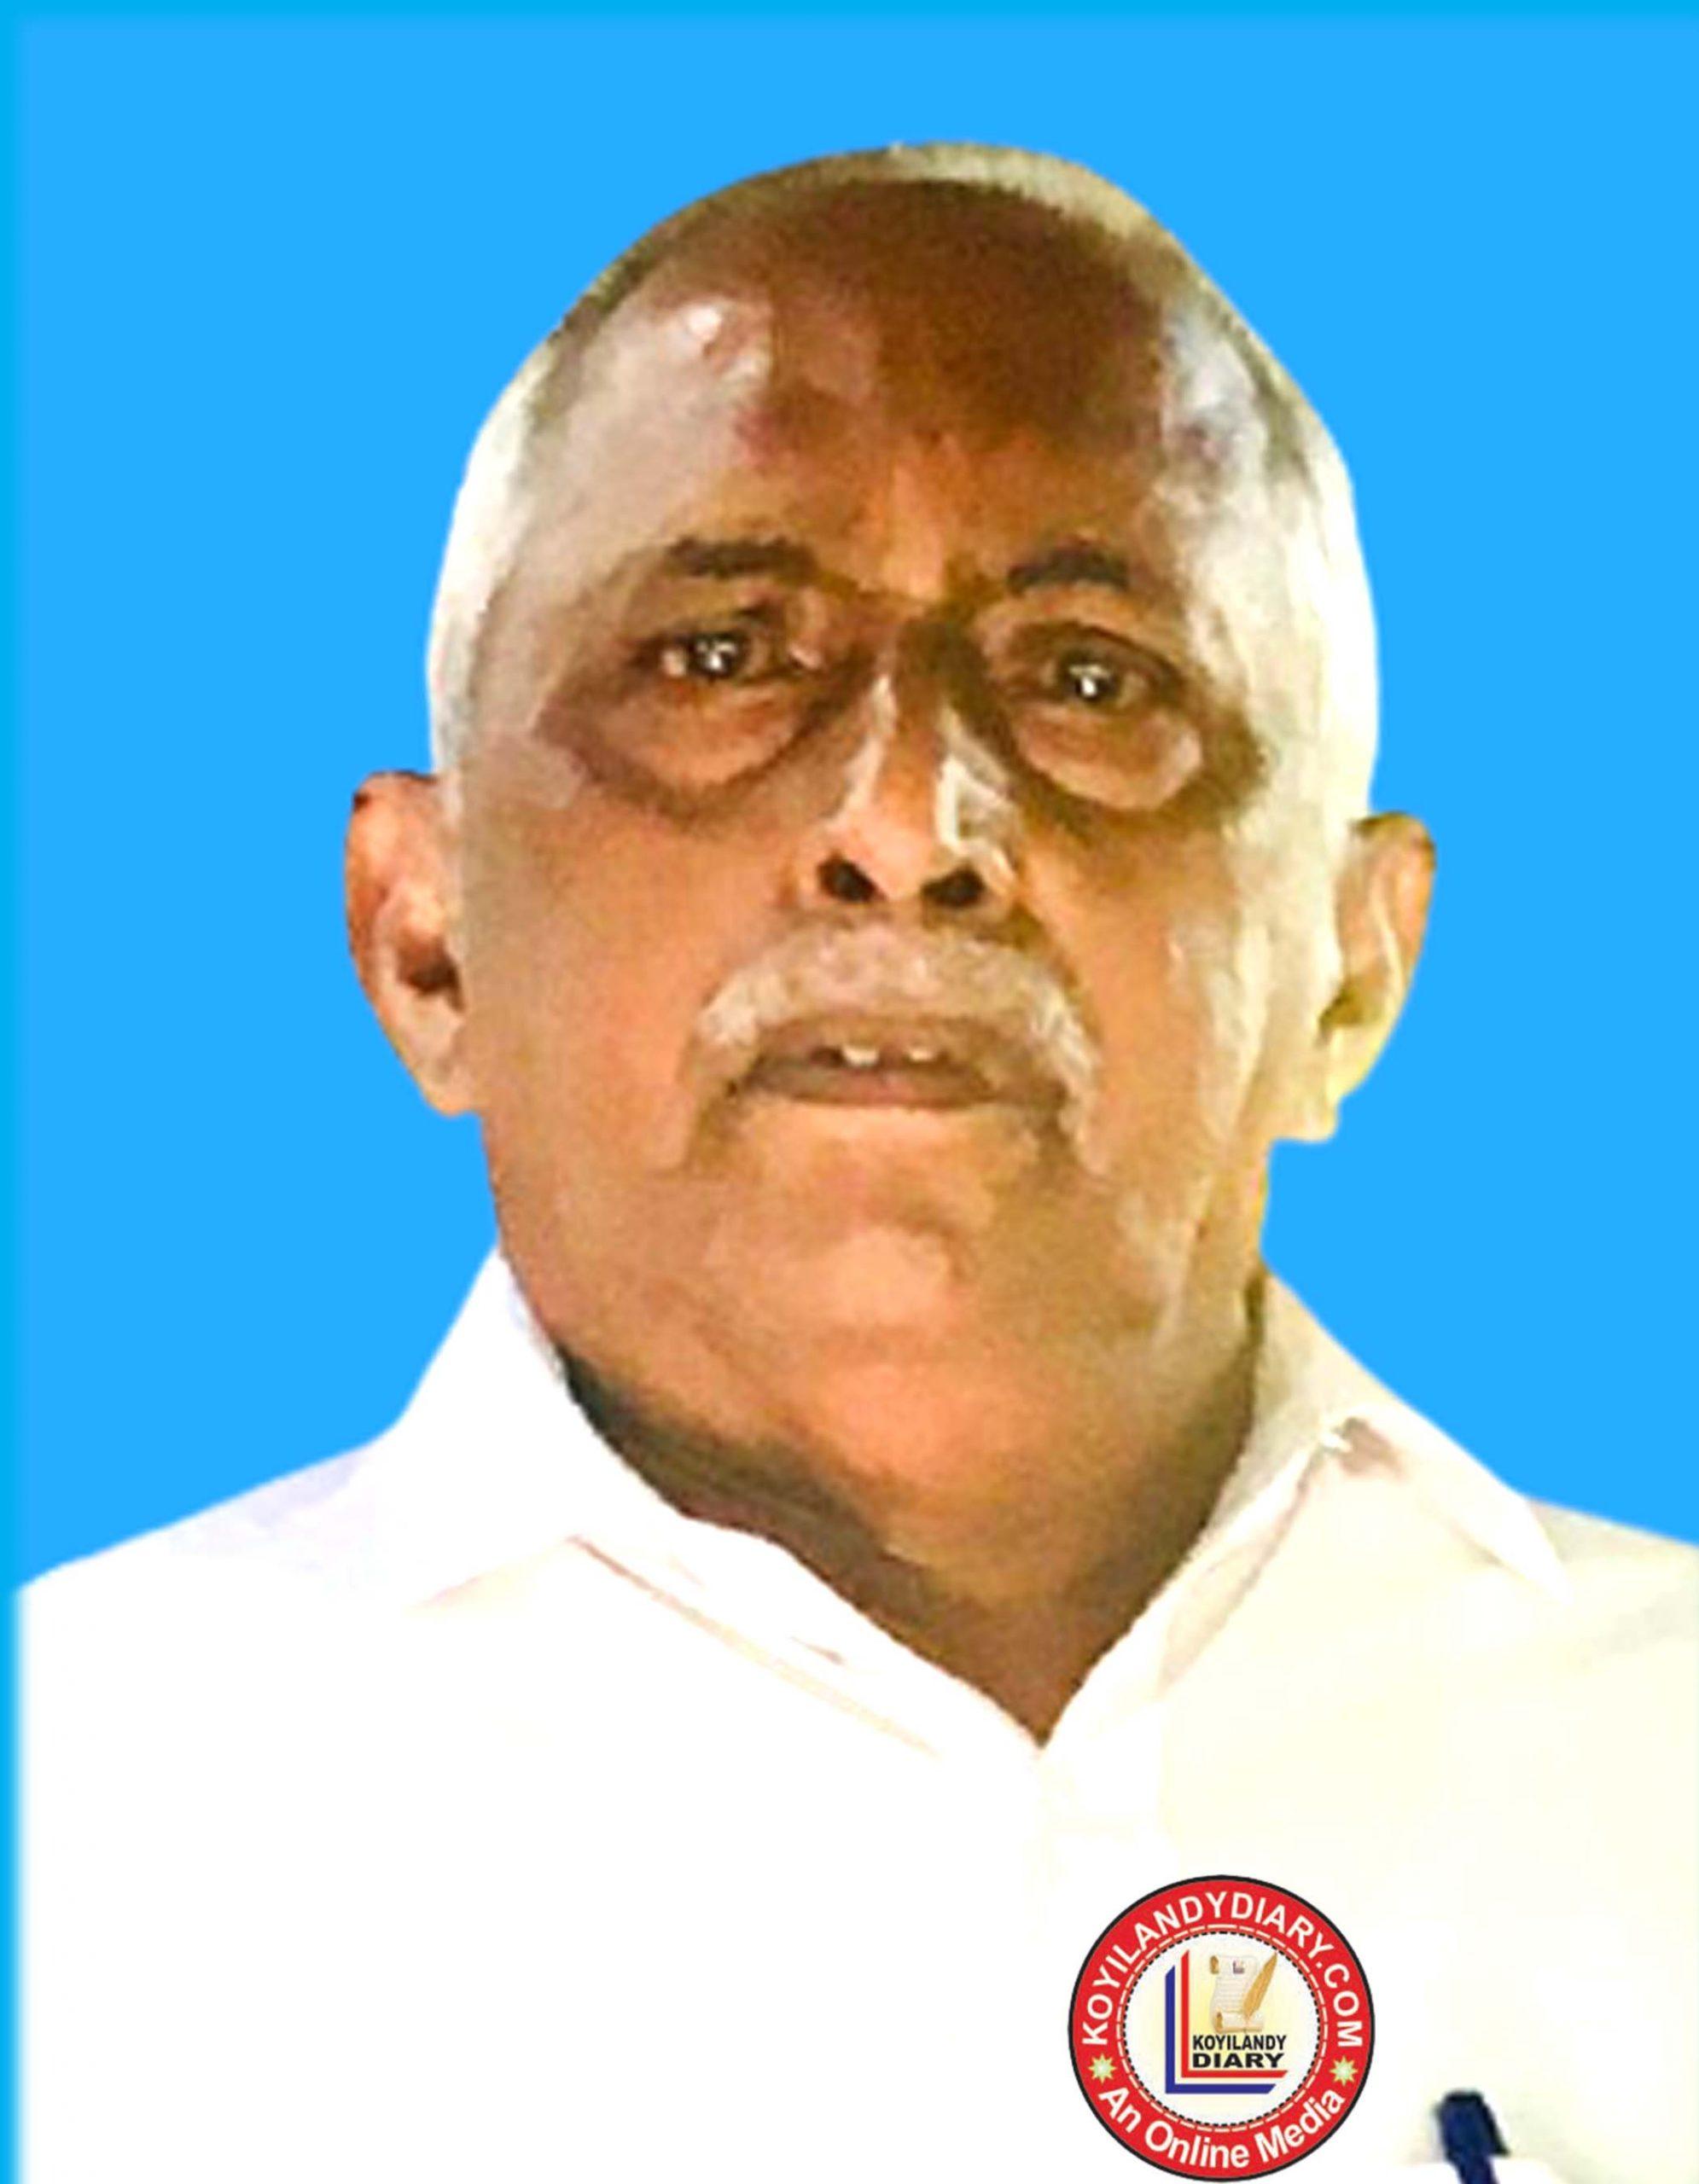 നന്തി ബസാർ നാരങ്ങോളികുളം ബറിനയിൽ സി. മുഹമ്മദ് (78)